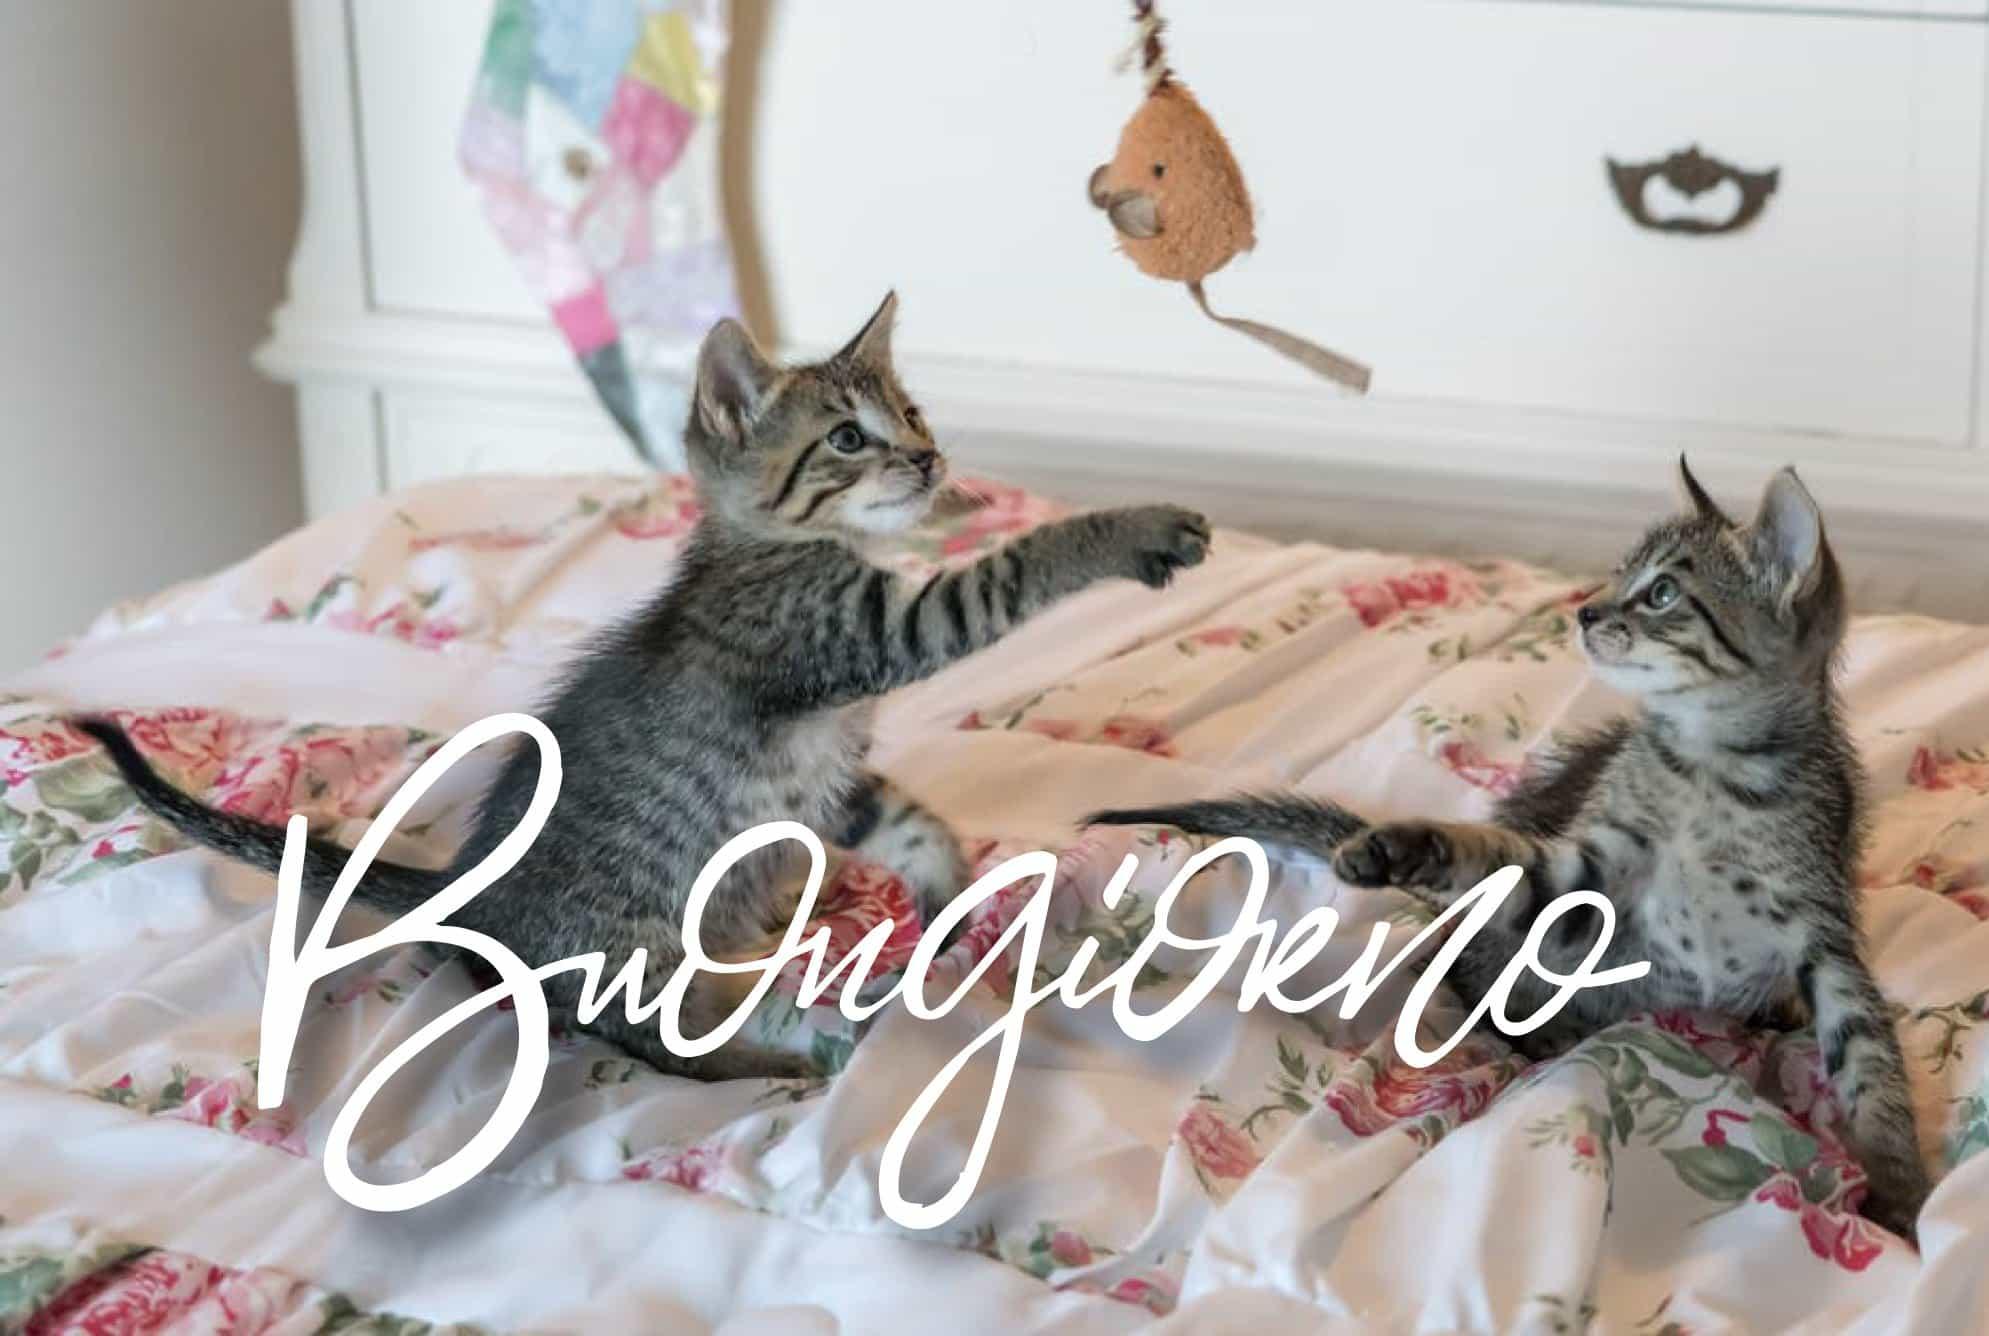 Immagini di buongiorno per whatsapp gratis con gatto